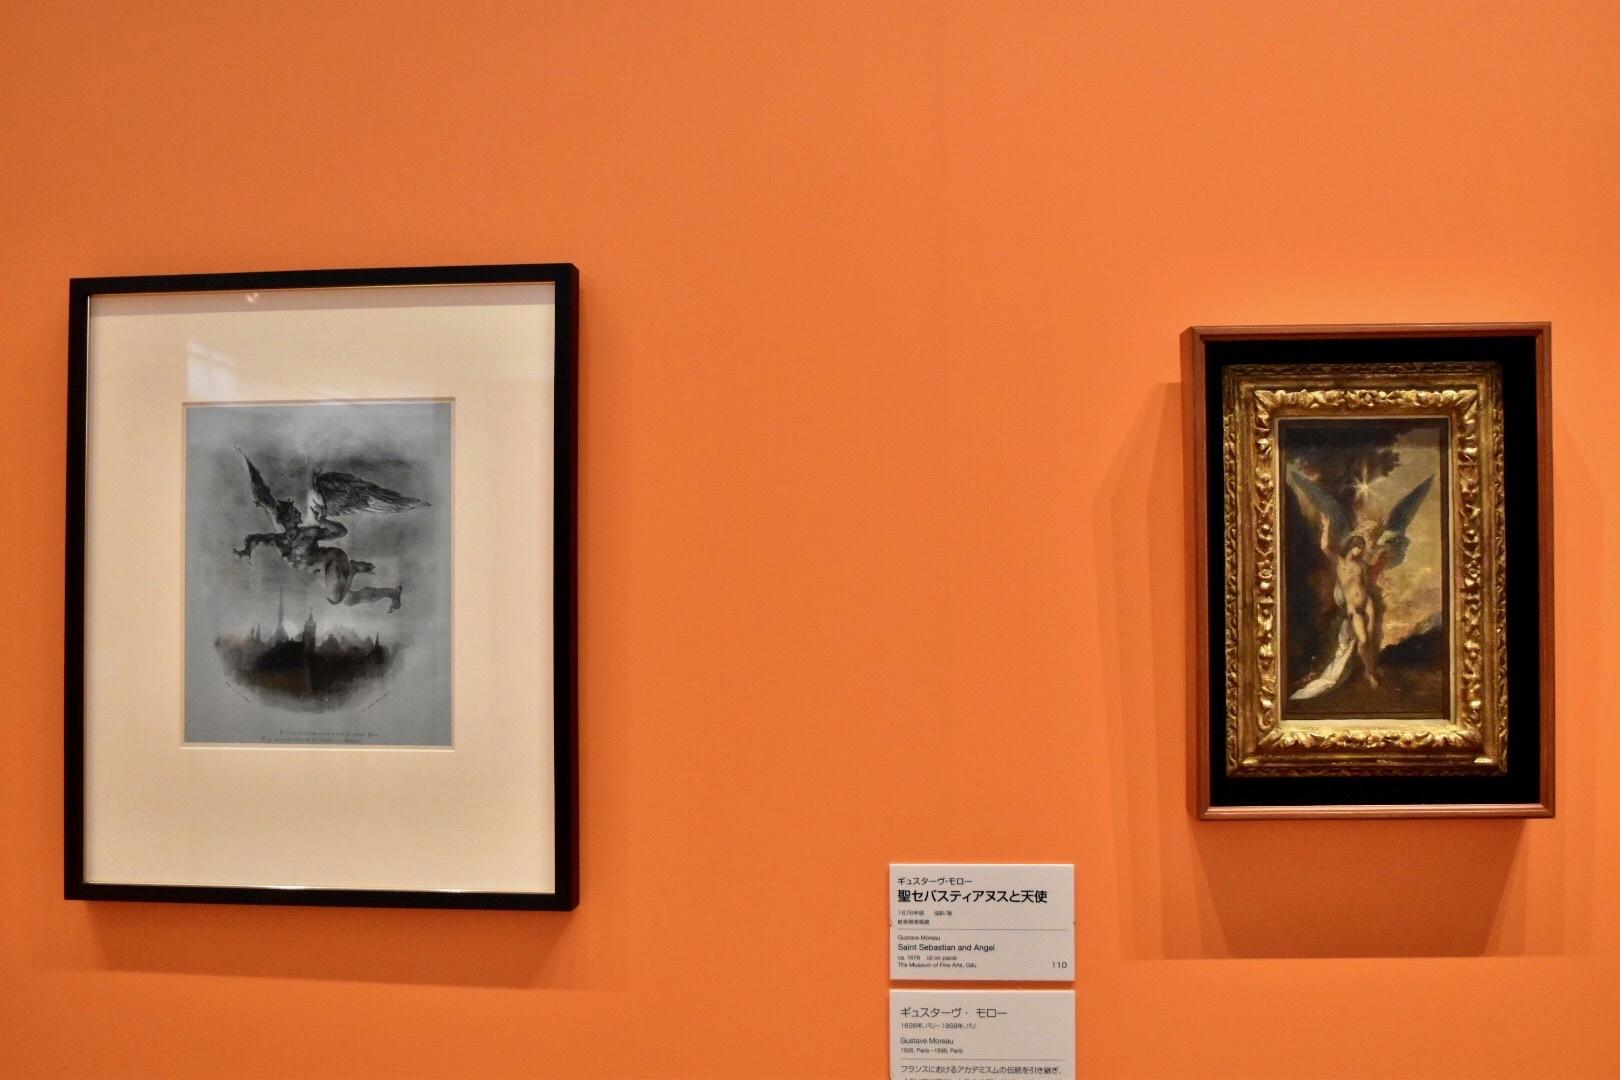 左:ウジェーヌ・ドラクロワ 『ファウスト』より《Ⅱ.空を駆けるメフィストテレス》1825-1827年 岐阜県美術館 右:ギュスターヴ・モロー 《聖セバスティアヌスと天使》1876年頃 岐阜県美術館